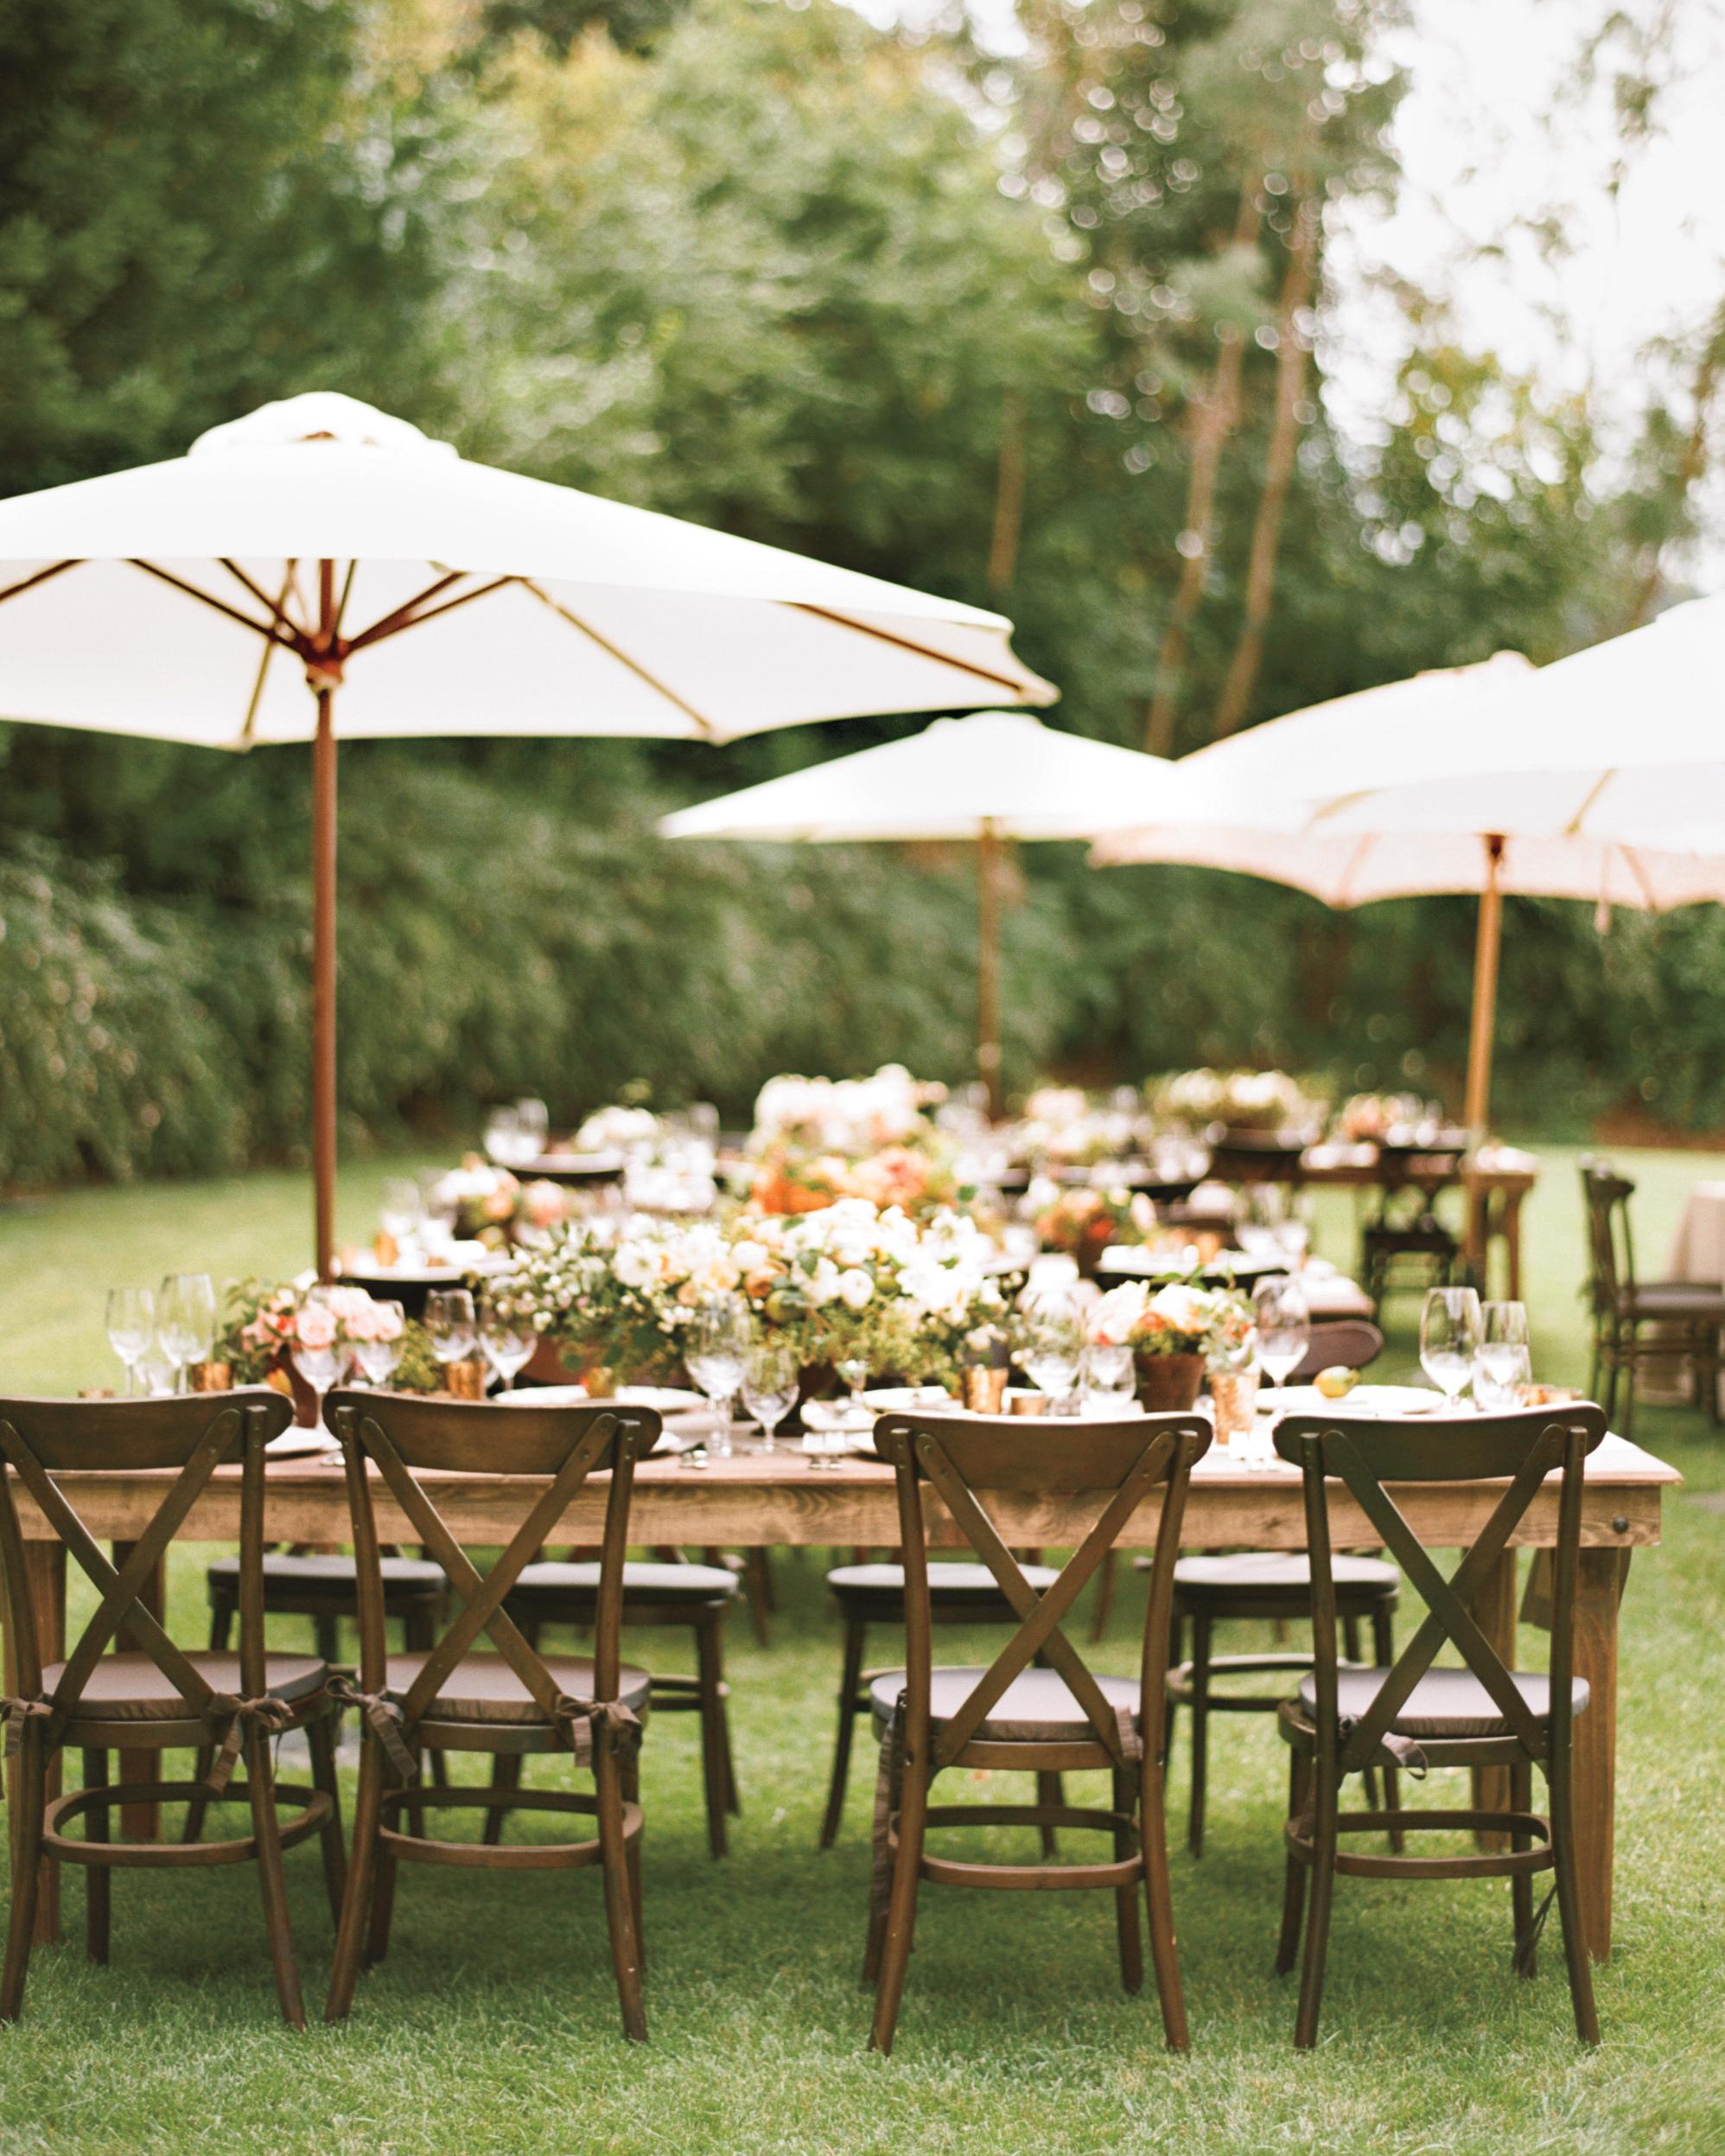 lauren-conor-tables-mwds109822.jpg